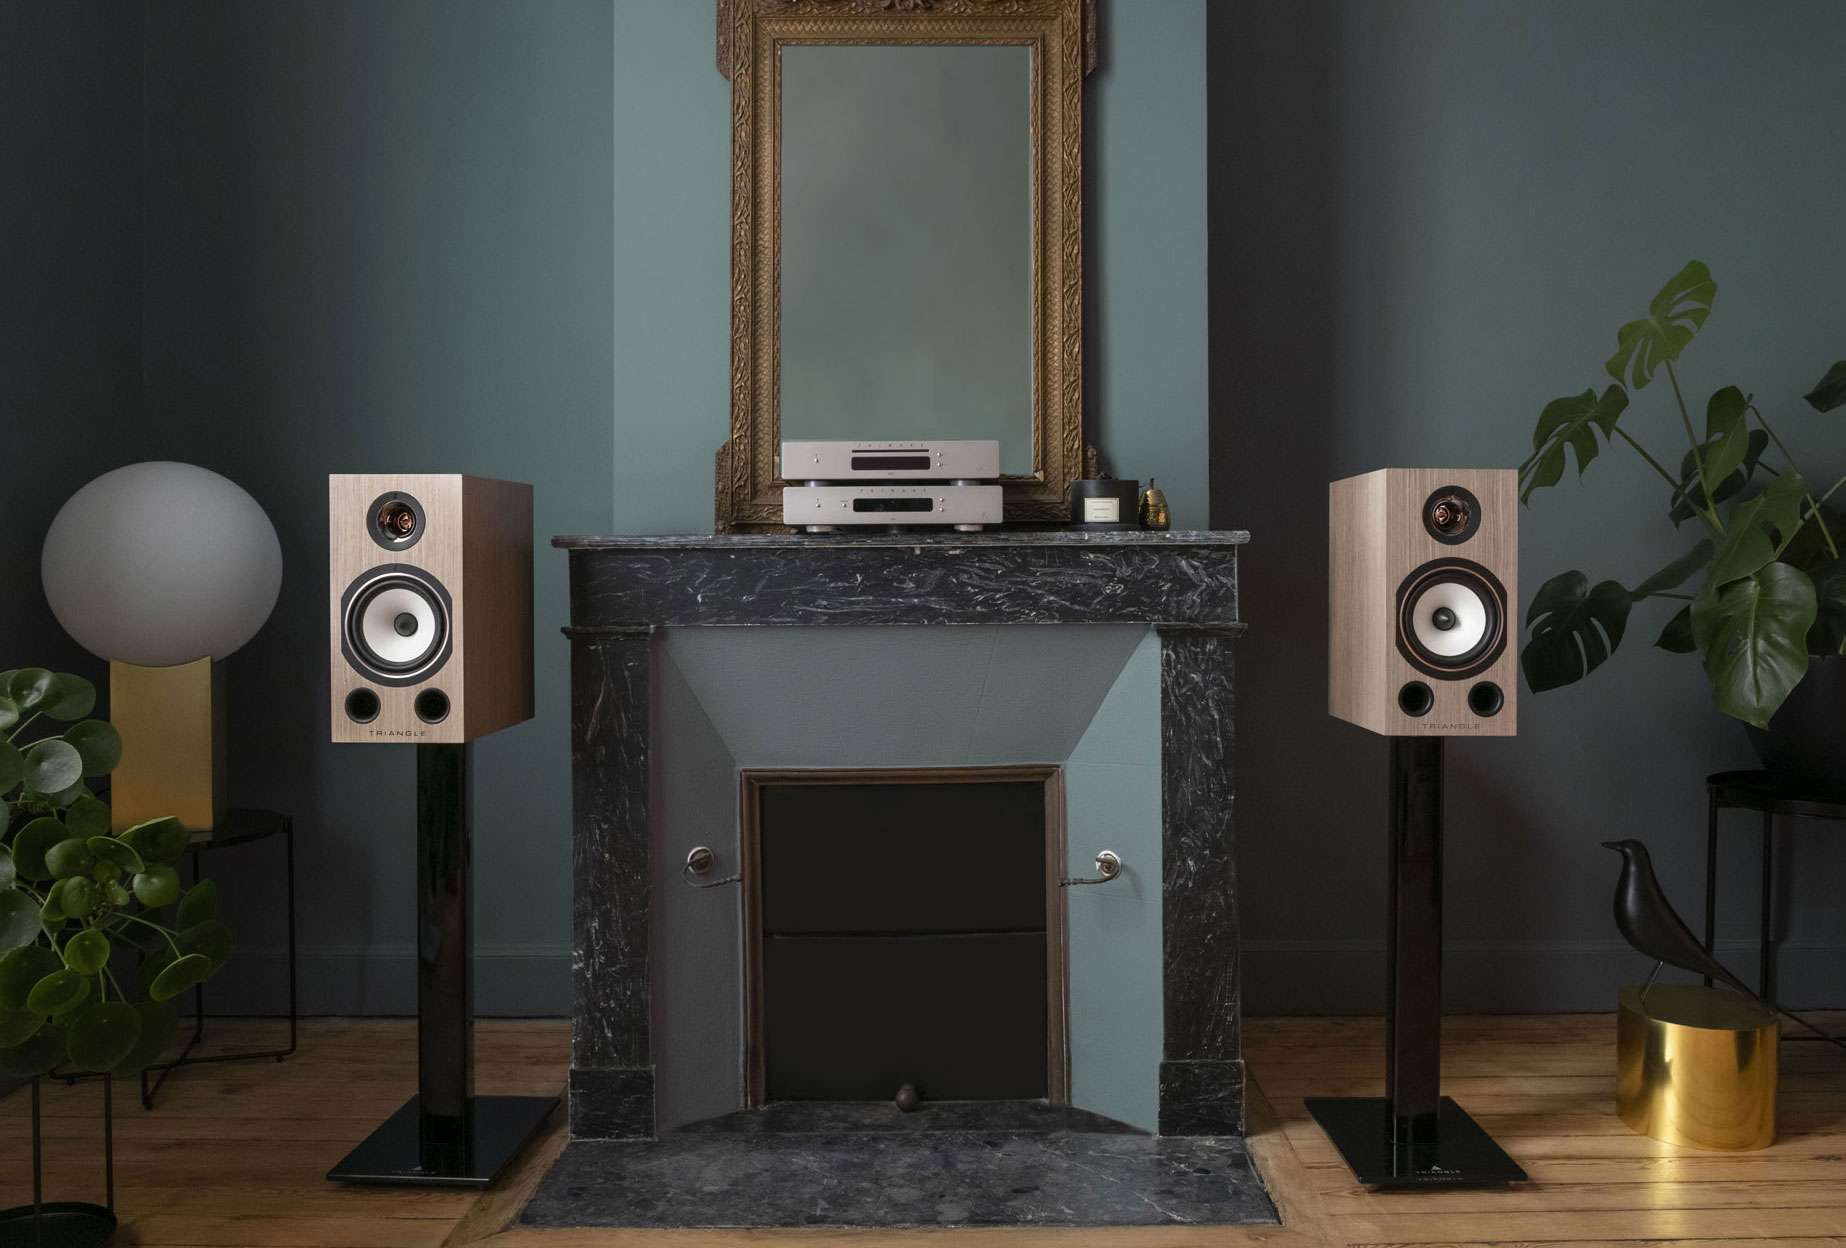 TRIANGLE - High End Hifi Speaker Manufacture